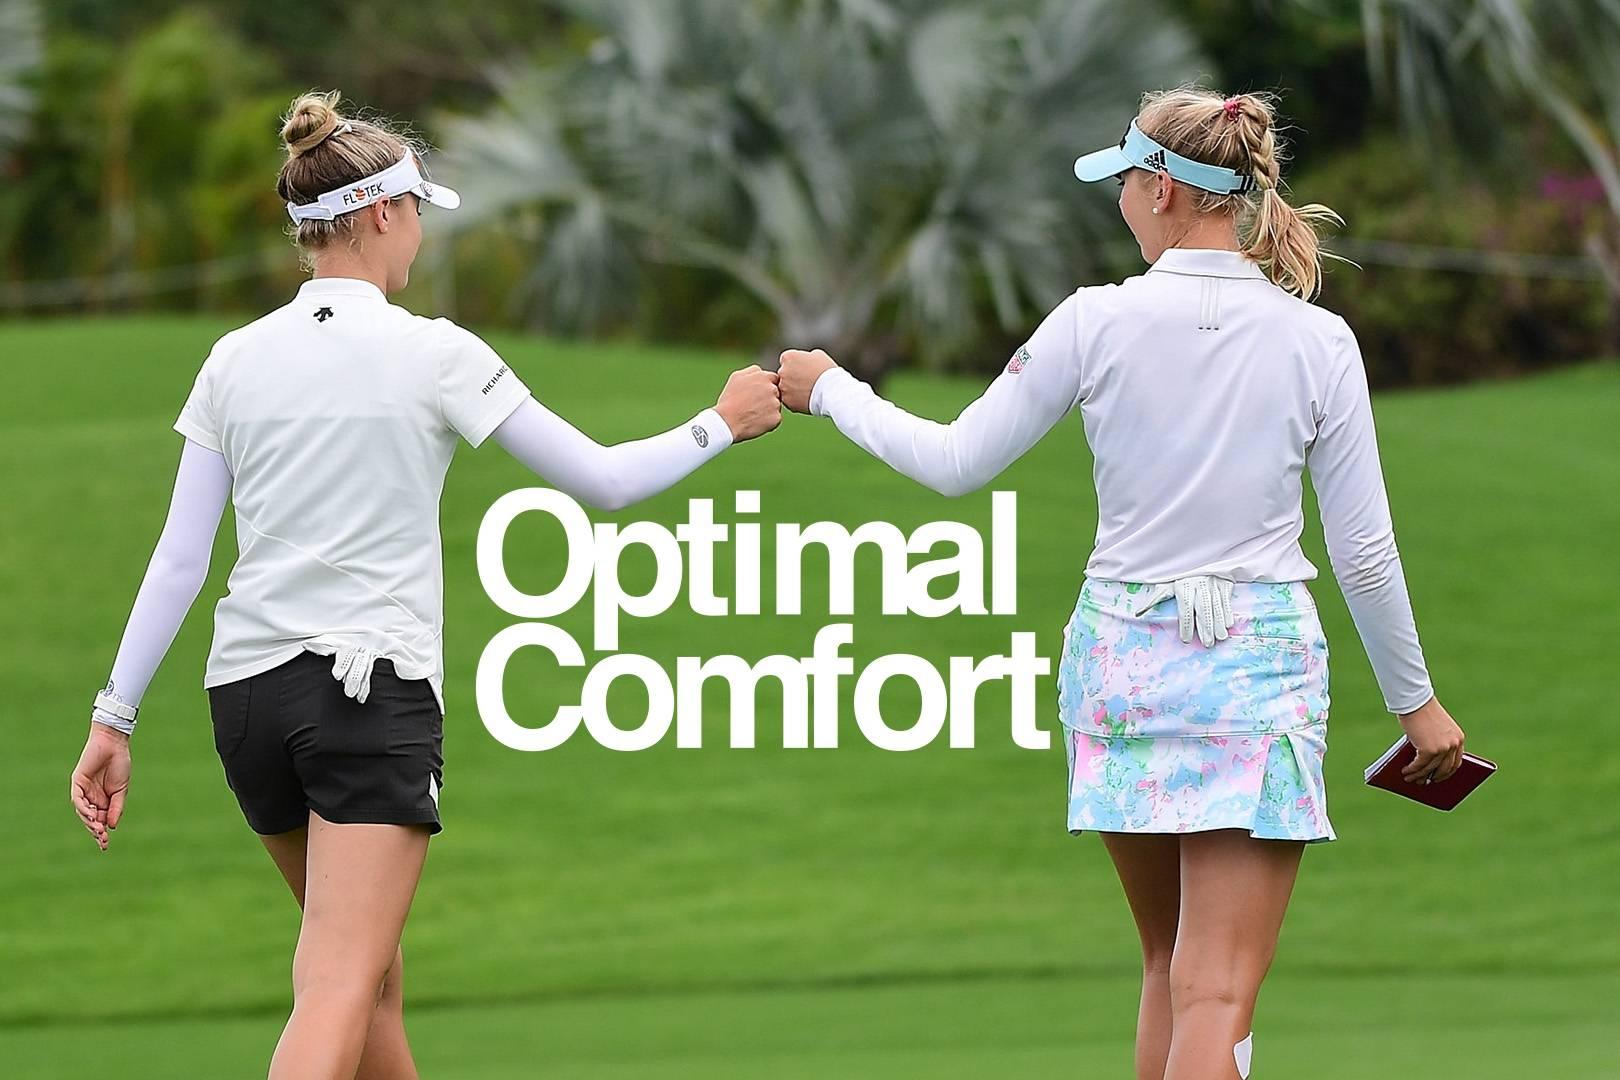 Optimal Comfort